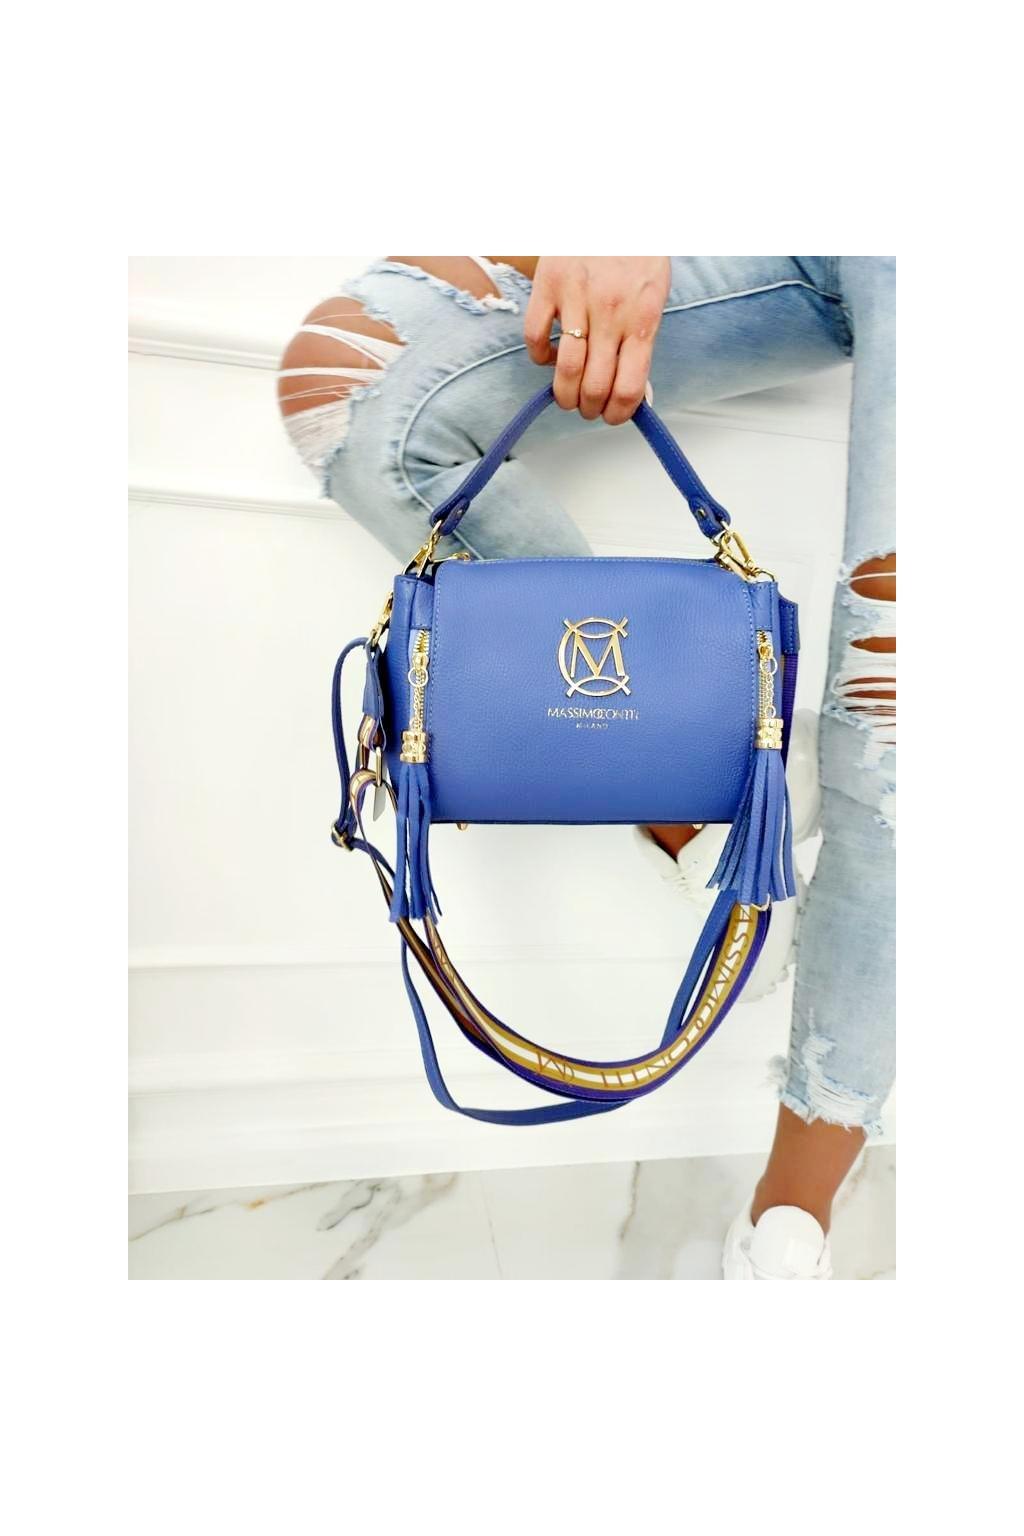 Massimo contti Italy fashion kožená kabelka luxusní style kůže modrá